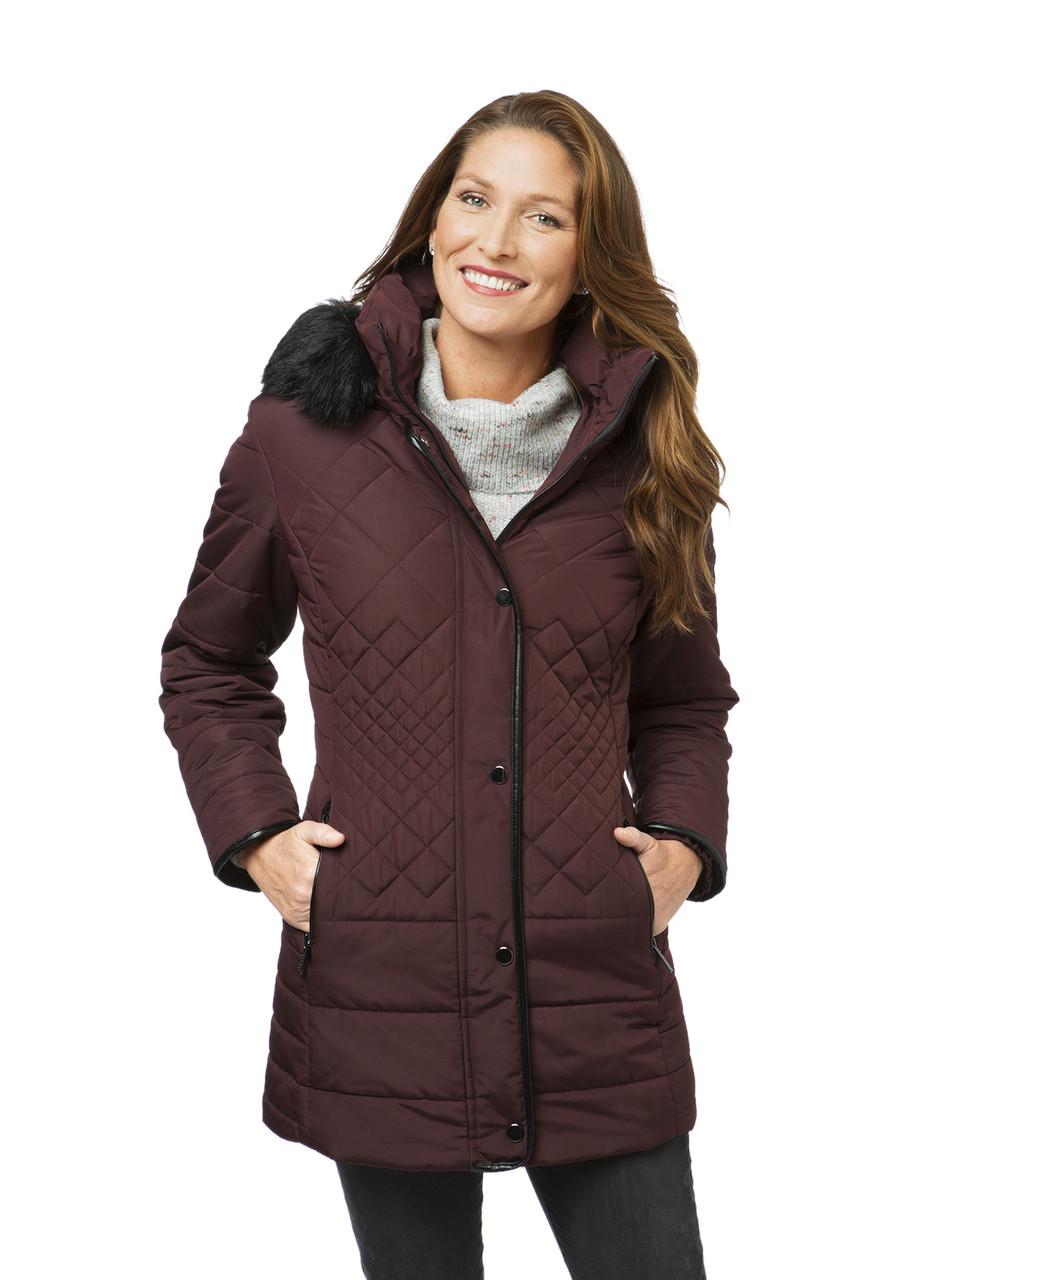 829ed8dd7b3 Startech Faux-Fur-Trimmed Hooded Jacket